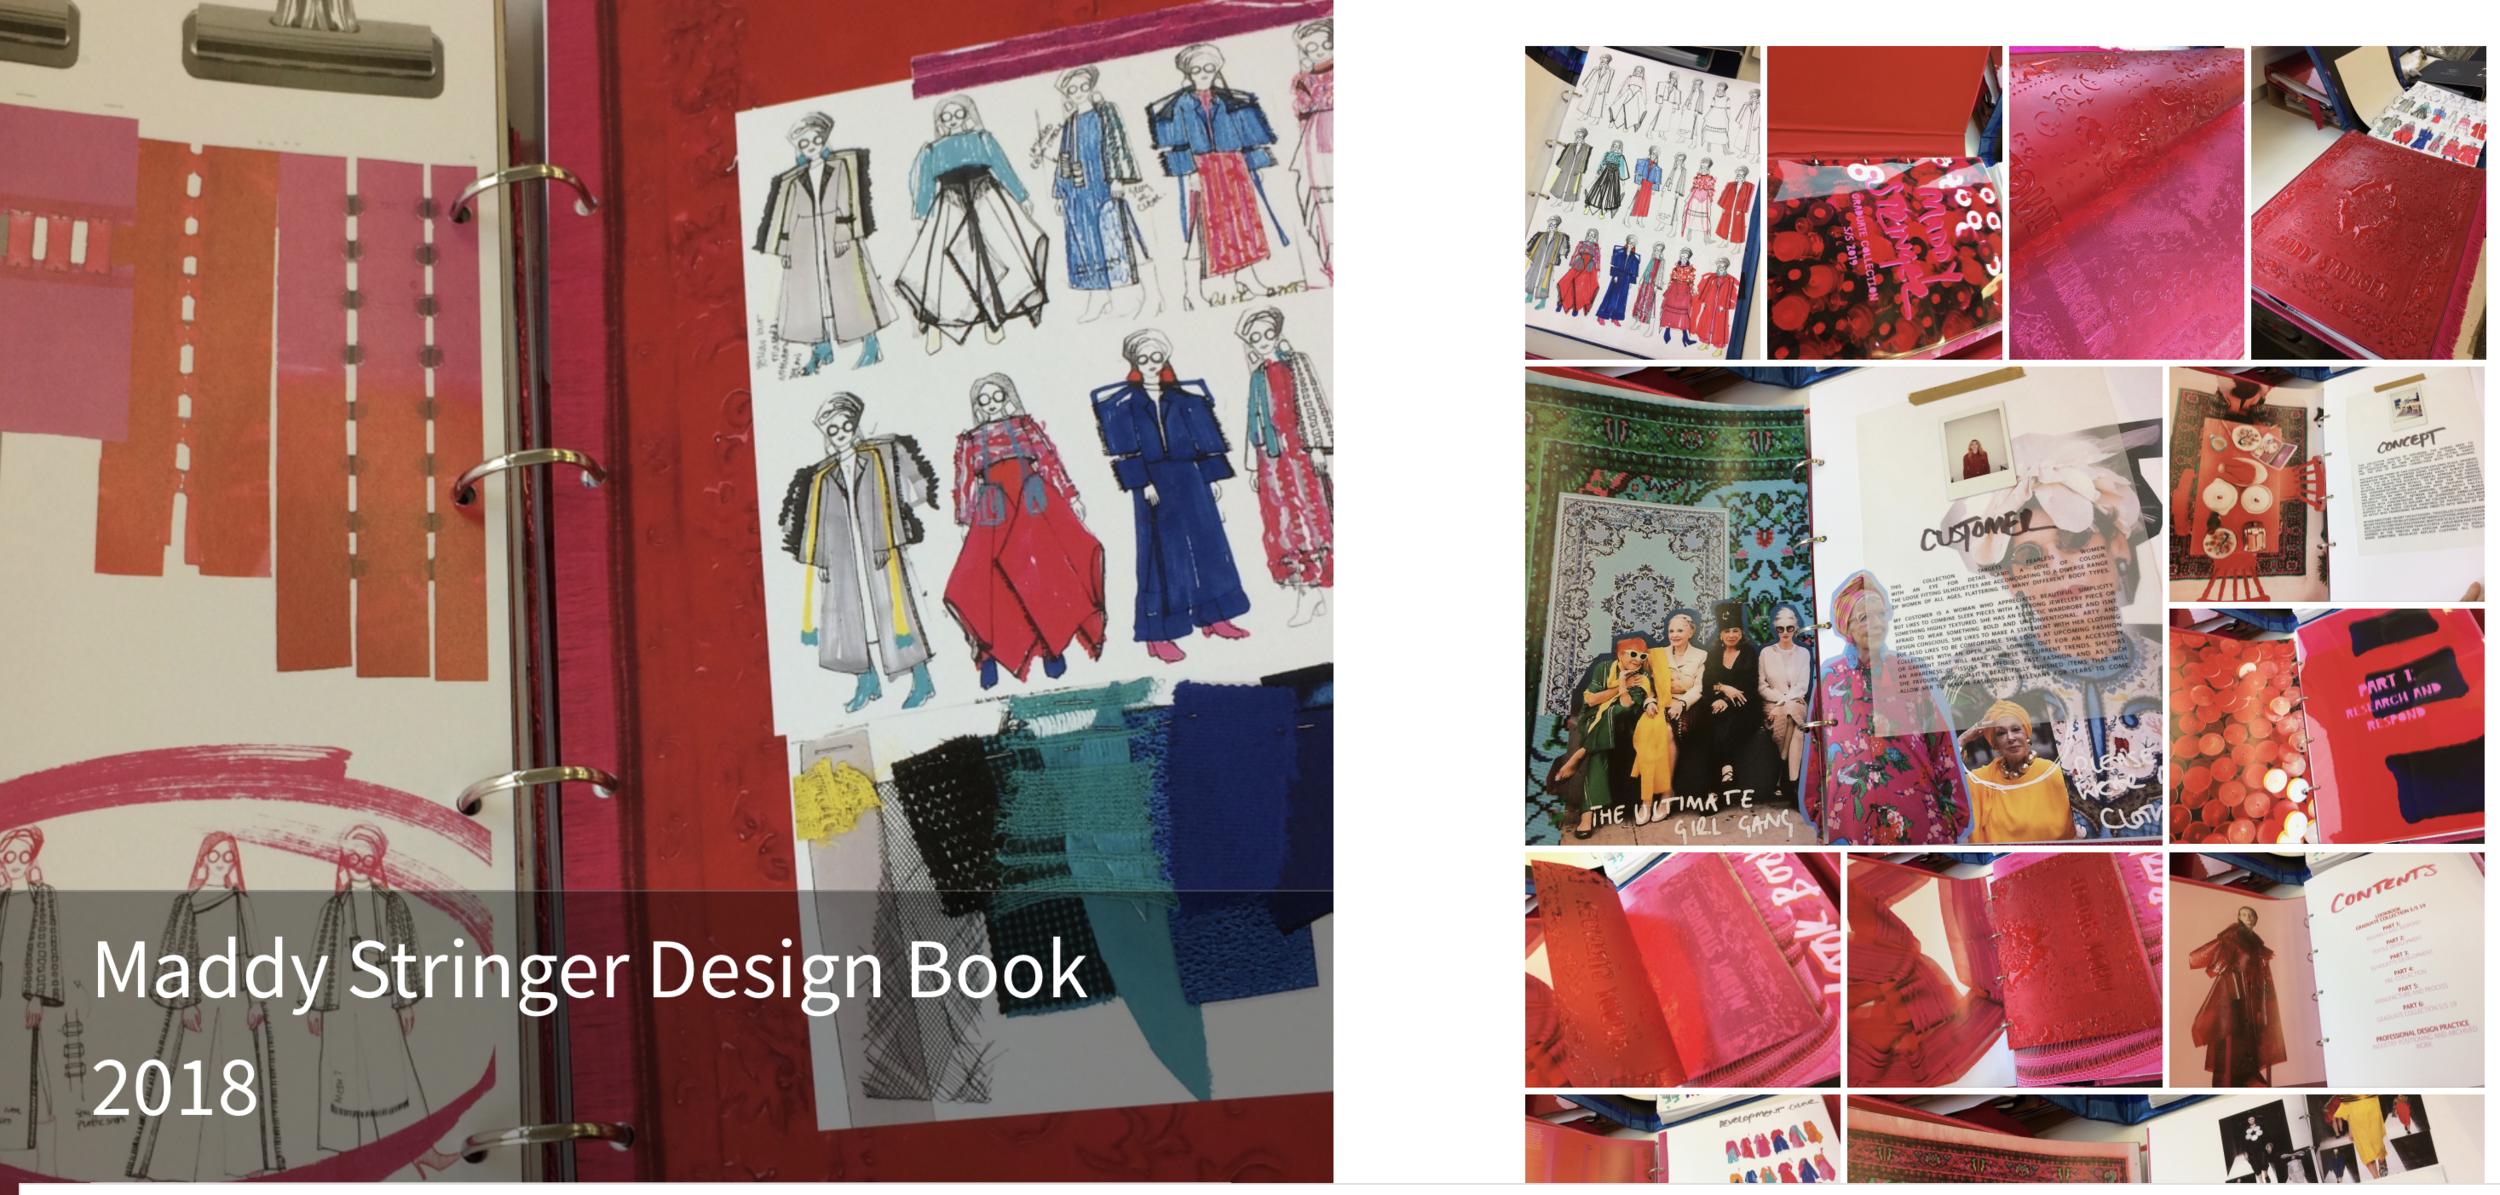 ECA Fashion Design Books - Maddy Stringer Design Book 201831/08/2018